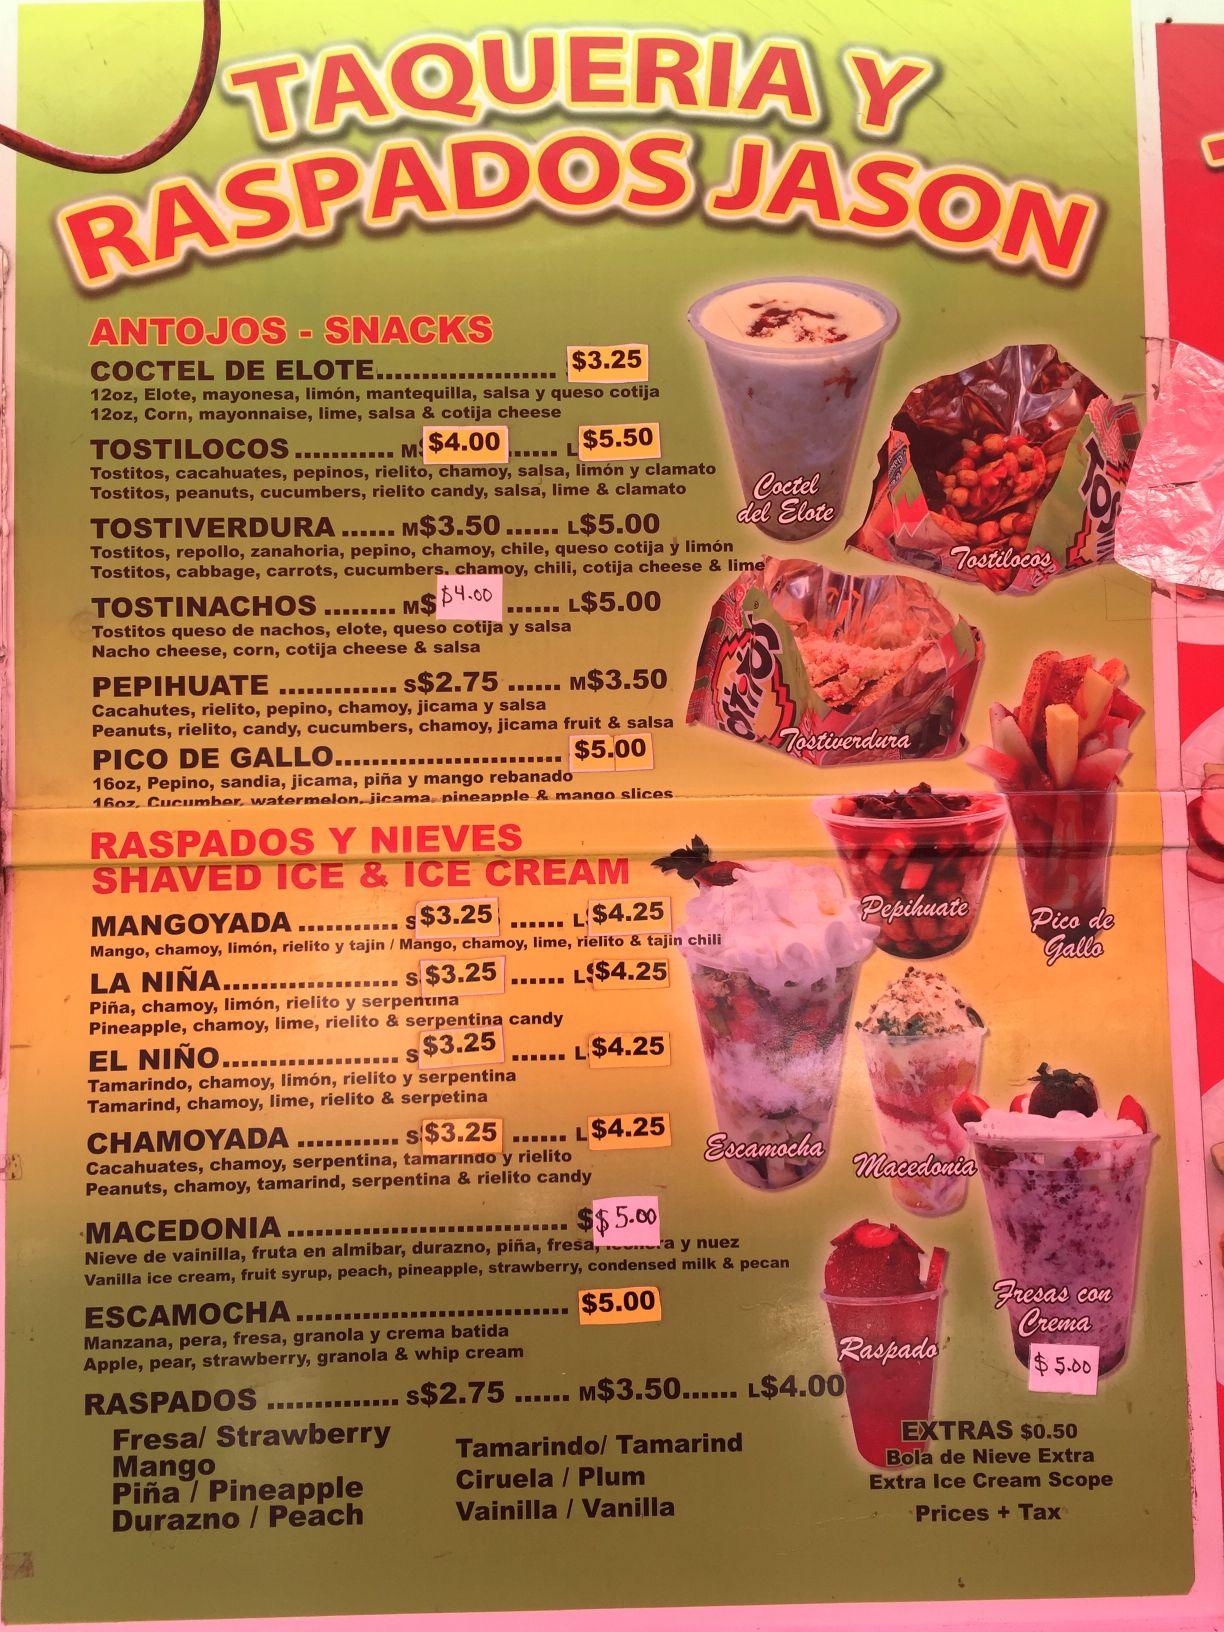 News 4 Tucson >> Taqueria y Raspados Jason menu | | tucson.com